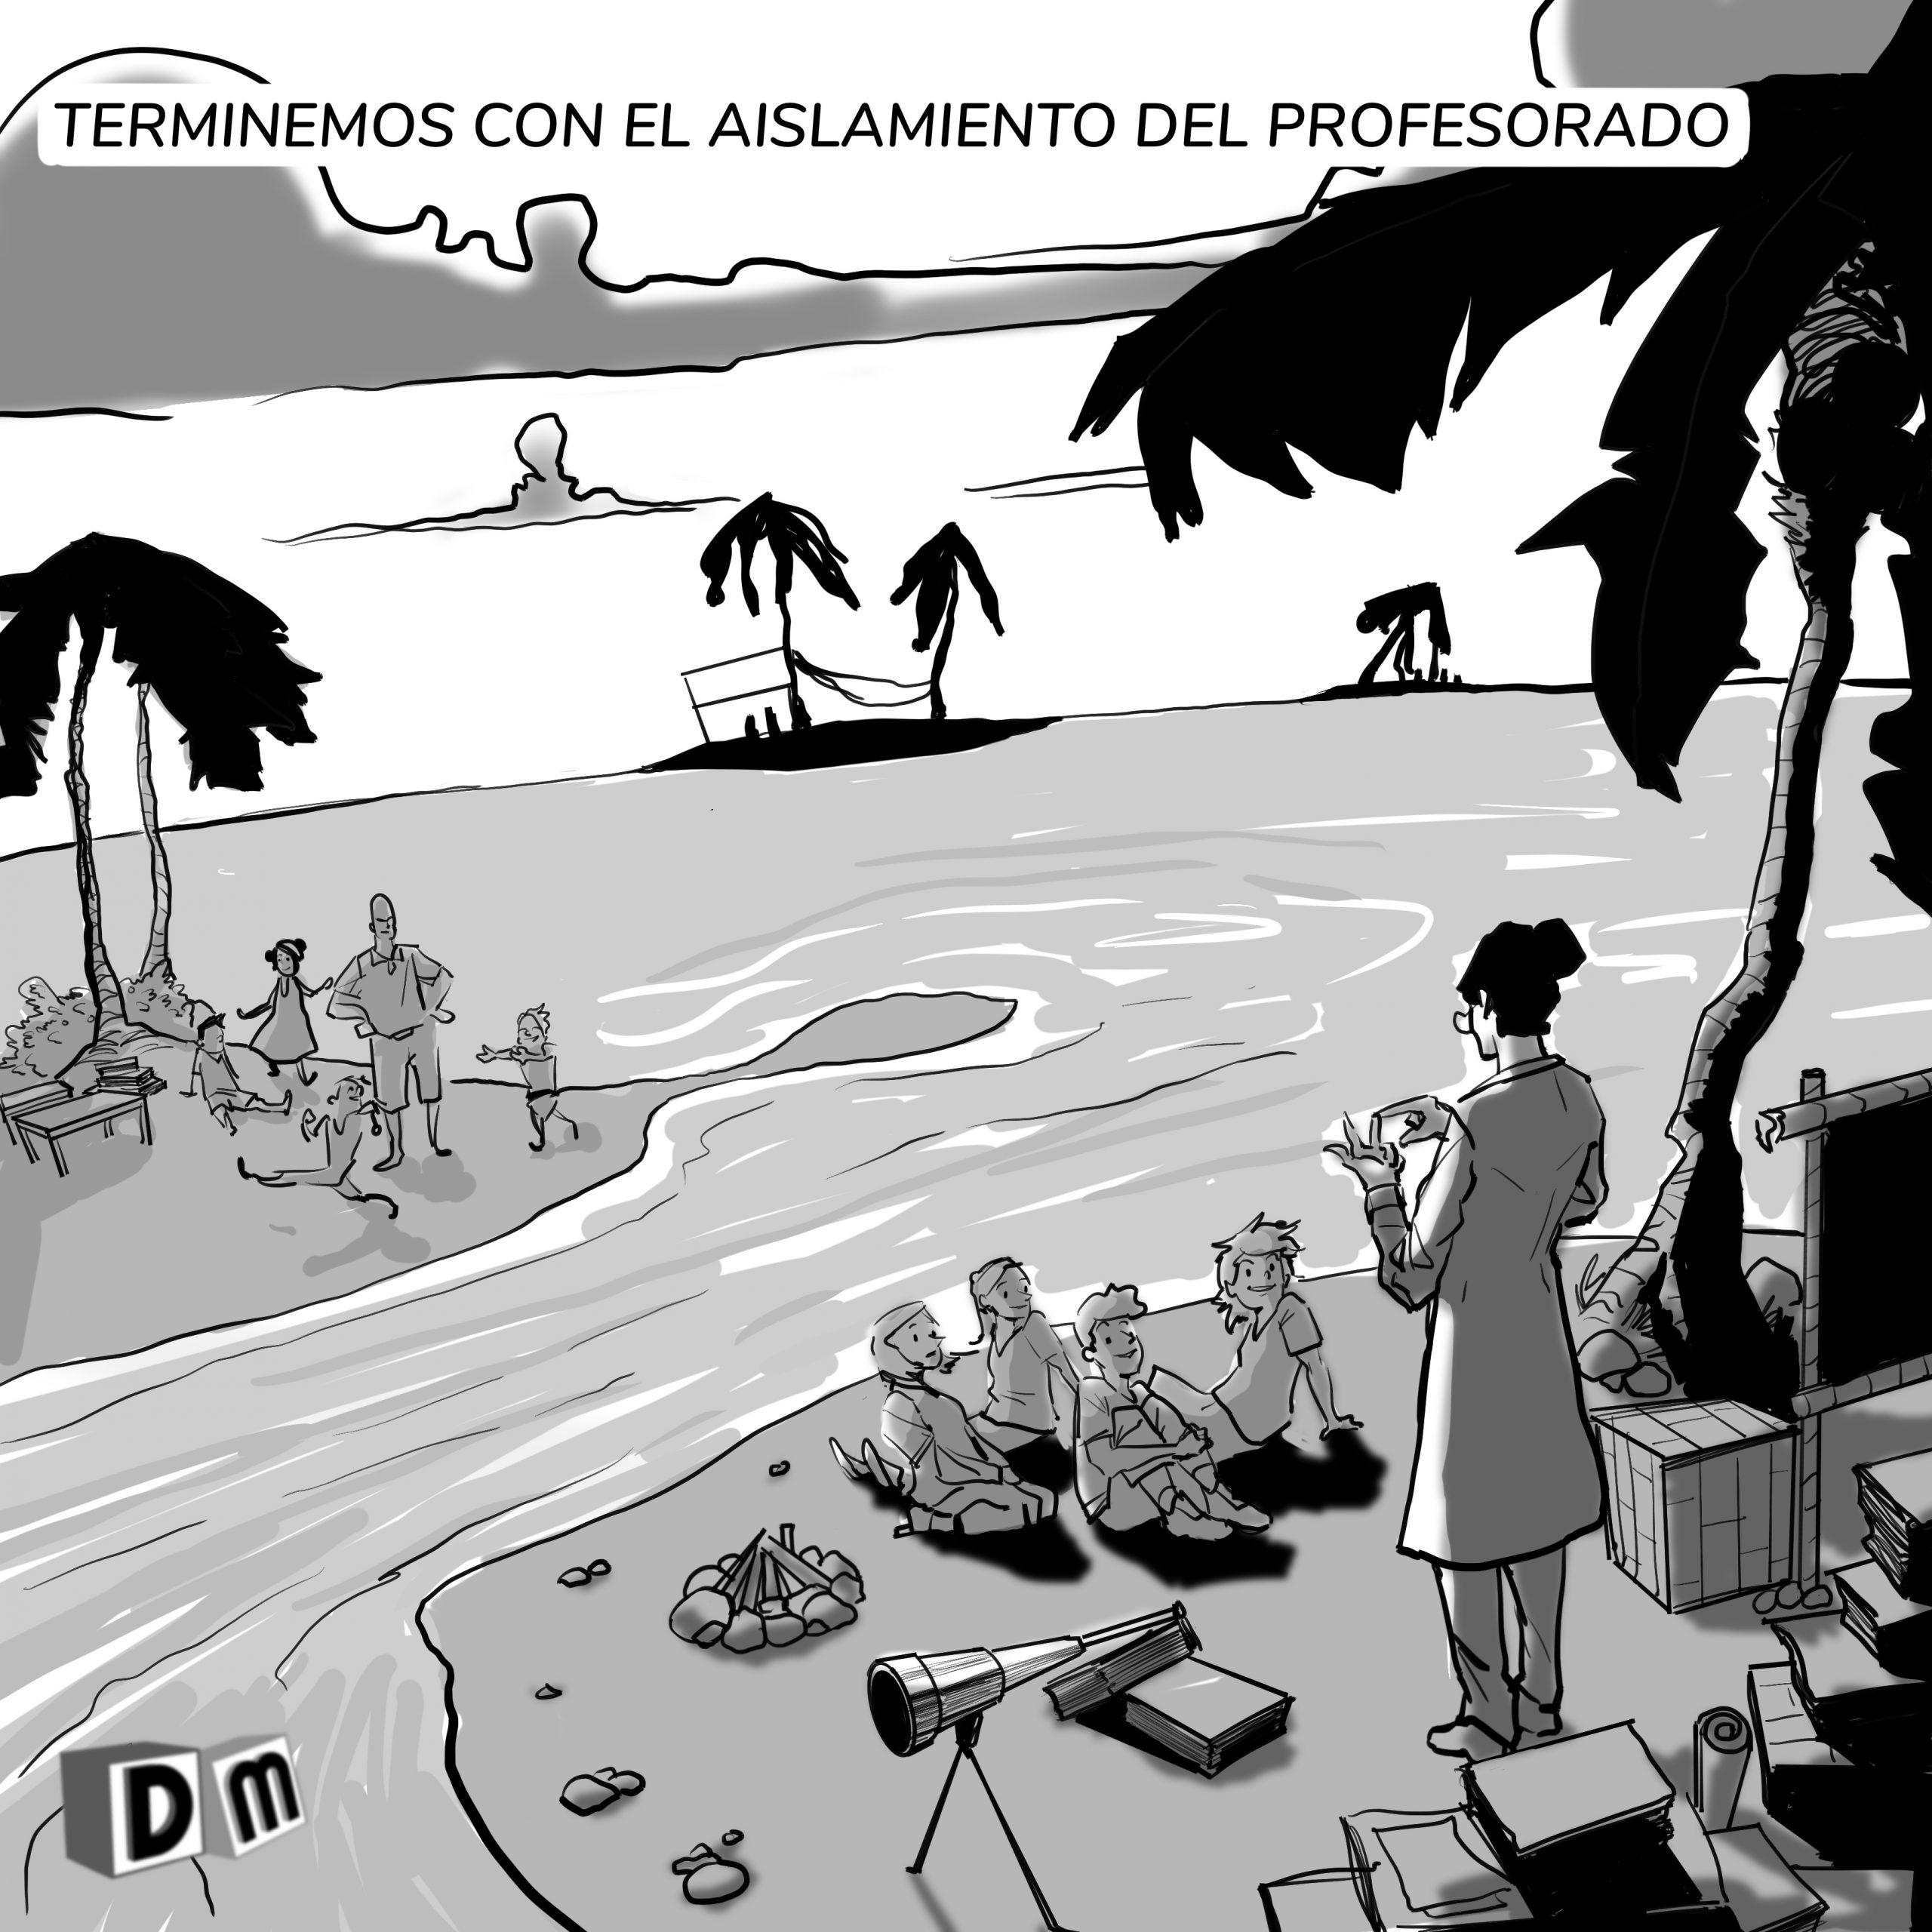 David Mora_Viñeta 5_Terminemos con el aislamiento del profesorado